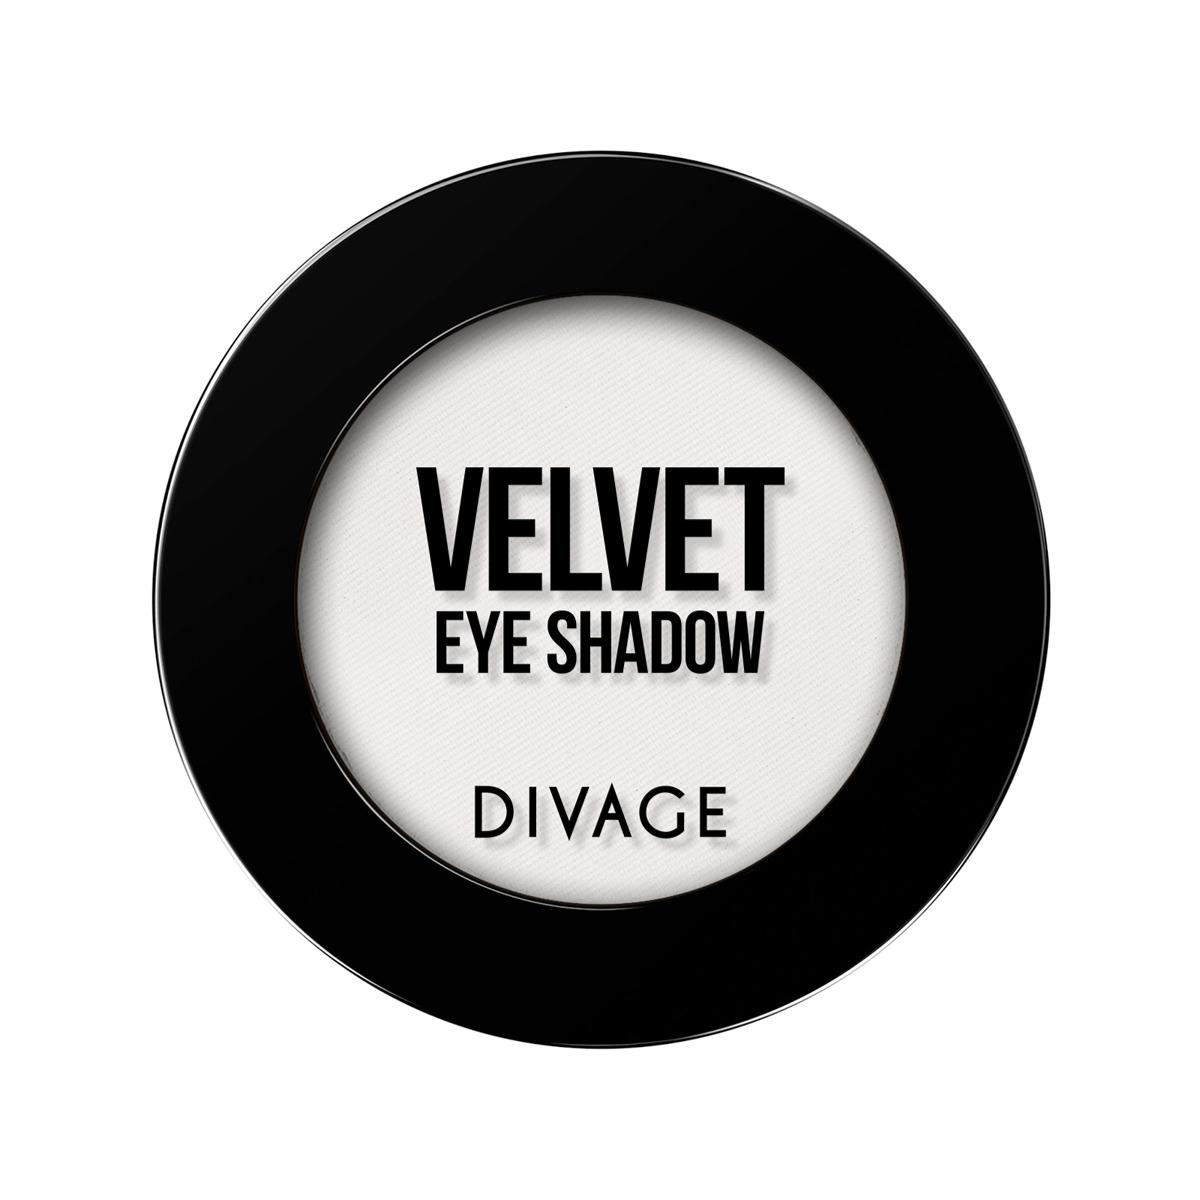 DIVAGE Матовые одноцветные тени для век VELVET , тон № 7303, 3 гр.5010777139655Хочешь профессиональный макияж в домашних условиях?! Тогда матовые тени VELVET это, то, что тебе нужно, главный тренд в макияже, насыщенные оттенки, профессиональные текстуры, ультра-стойкий эффект. Всё это было секретом визажистов, теперь этот секрет доступен и тебе! Палитра из 21 оттенка, позволяет создать великолепный образ для любого события. Текстура теней VELVET напоминает бархат, благодаря своей шелковистой формуле тени легко растушевываются по поверхности века, позволяя комбинировать между собой все оттенки палитры. Тени идеально подходят для жирной кожи век, за счёт своей плотной пудровой текстуры тени не осыпаются и не собираются в складках века, сохраняя идеально ровное покрытие до 8 часов.Хочешь профессиональный макияж в домашних условиях?! Тогда матовые тени VELVET это, то, что тебе нужно, главный тренд в макияже, насыщенные оттенки, профессиональные текстуры, ультра-стойкий эффект. Всё это было секретом визажистов, теперь этот секрет доступен и тебе! Палитра из 21 оттенка, позволяет создать великолепный образ для любого события. Текстура теней VELVET напоминает бархат, благодаря своей шелковистой формуле тени легко растушевываются по поверхности века, позволяя комбинировать между собой все оттенки палитры. Тени идеально подходят для жирной кожи век, за счёт своей плотной пудровой текстуры тени не осыпаются и не собираются в складках века, сохраняя идеально ровное покрытие до 8 часов.